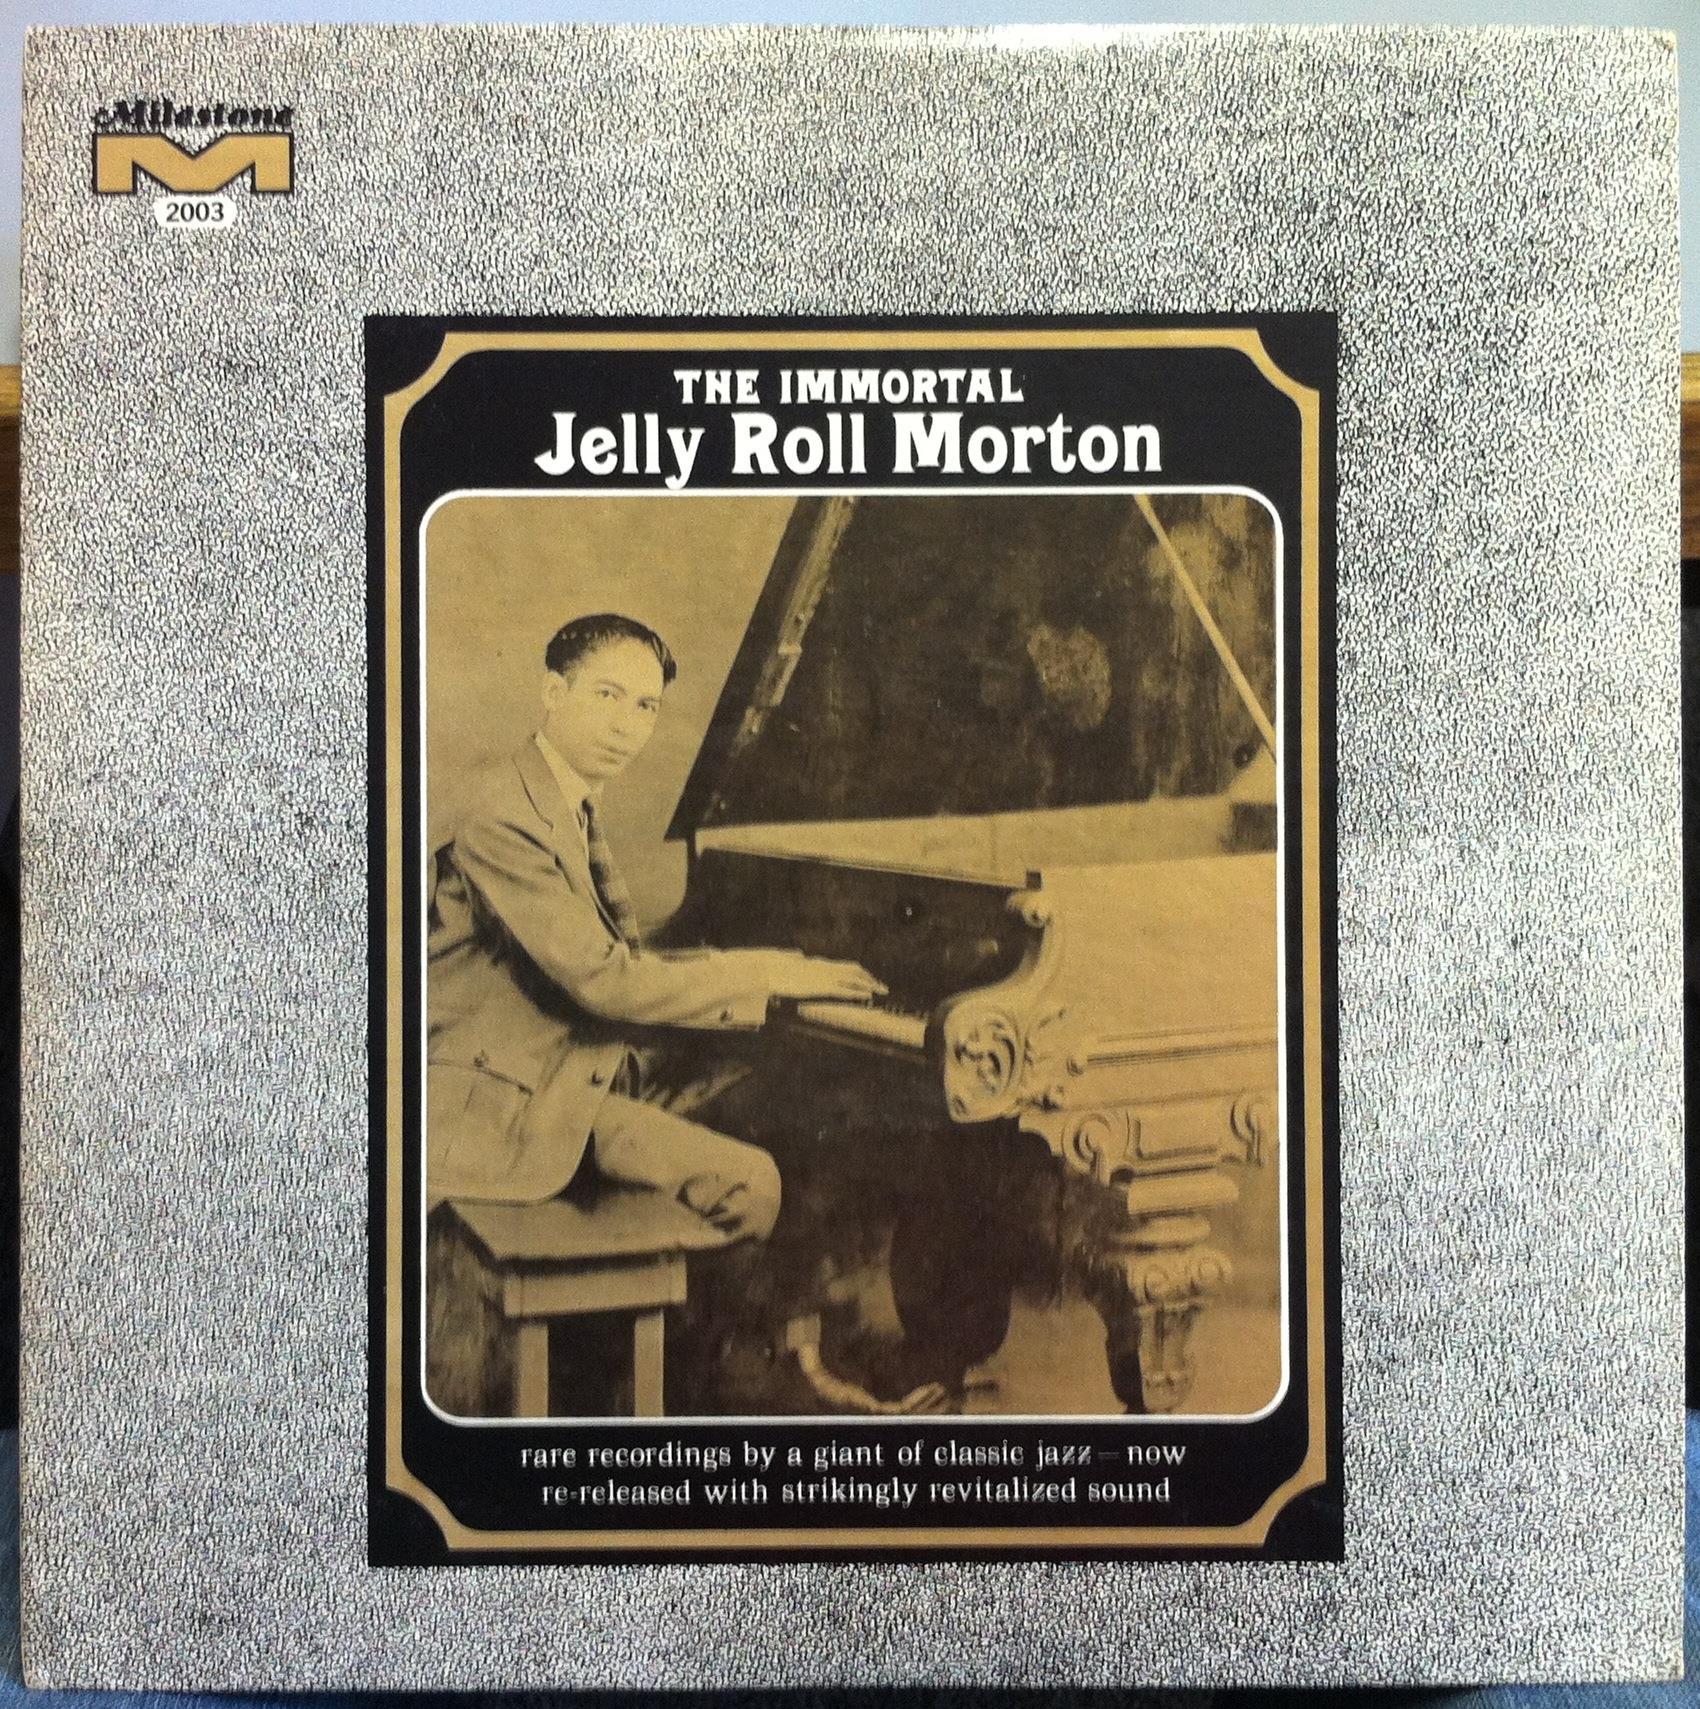 Jelly Roll Morton The Immortal Lp Vg Mlp Mono Piano Blues